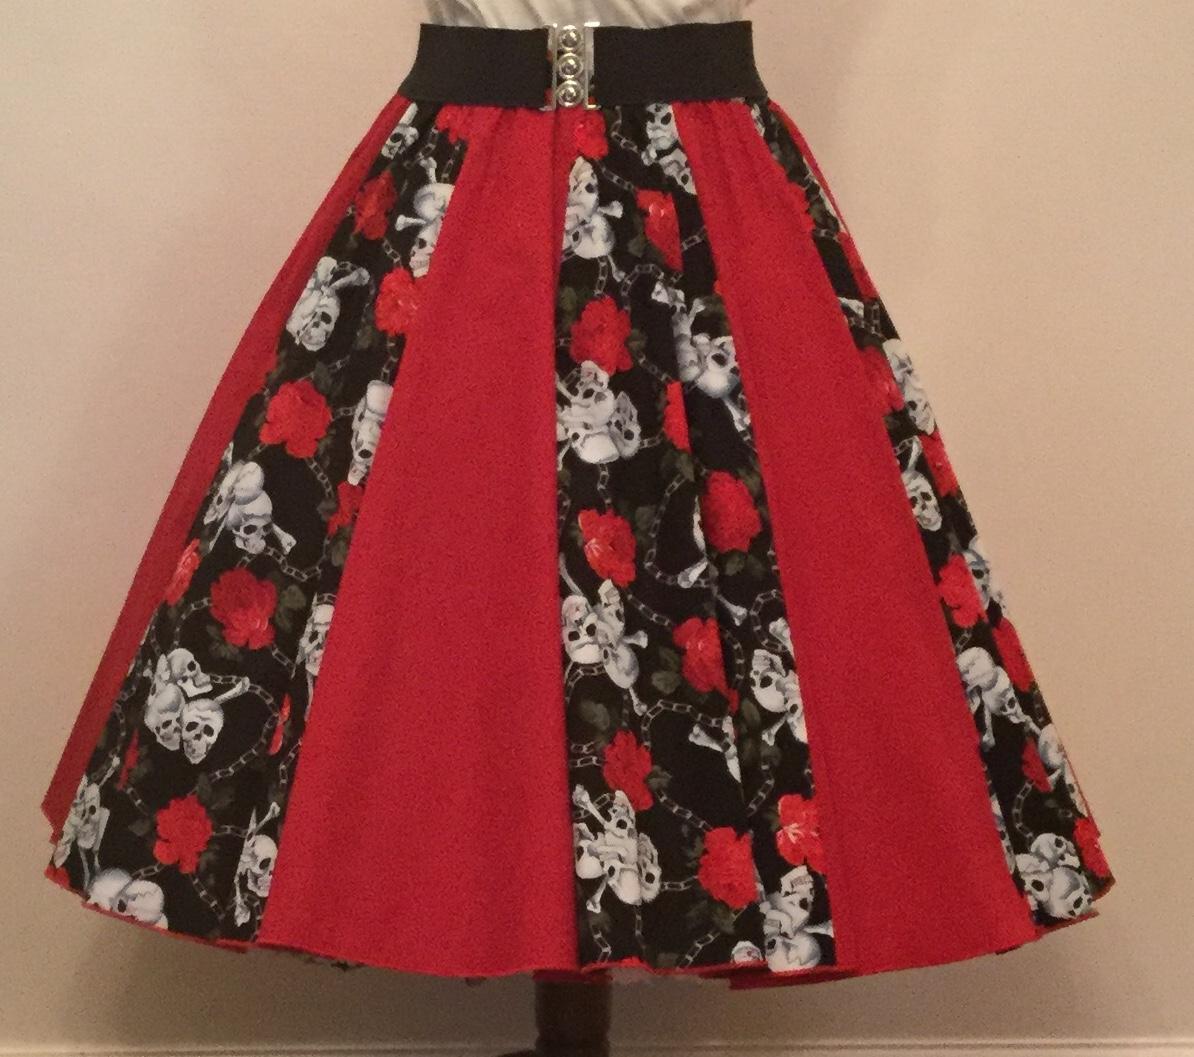 Skulls and Roses / Plain Red  Panel Skirt